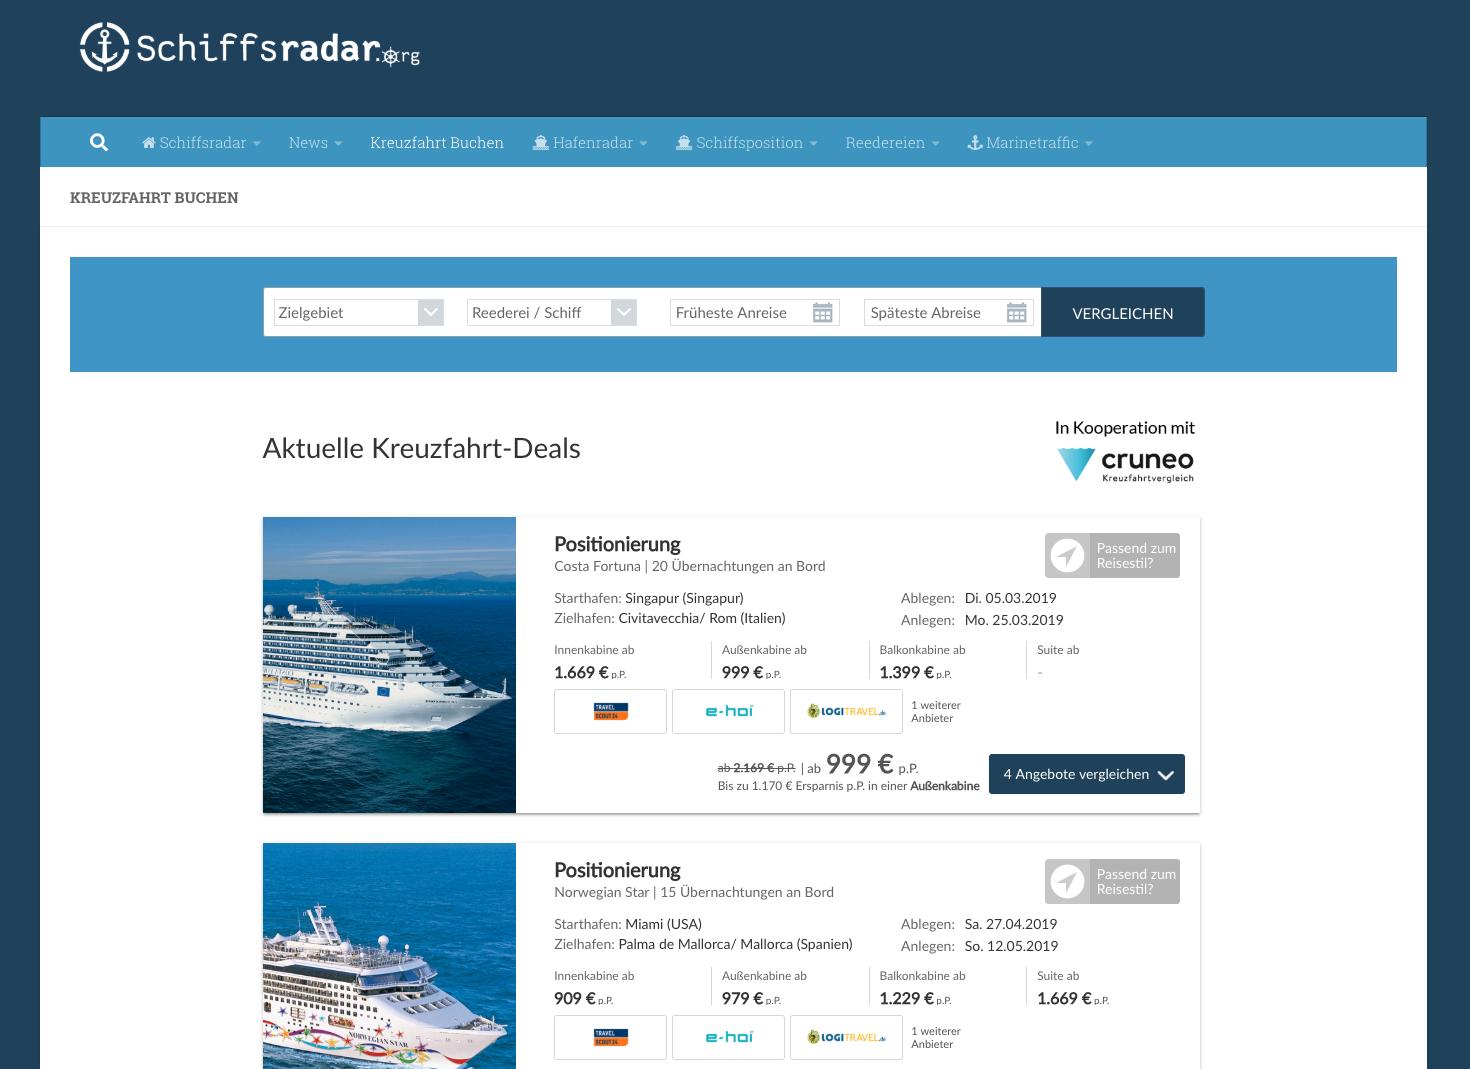 Kreuzfahrtberater Schiffsradar